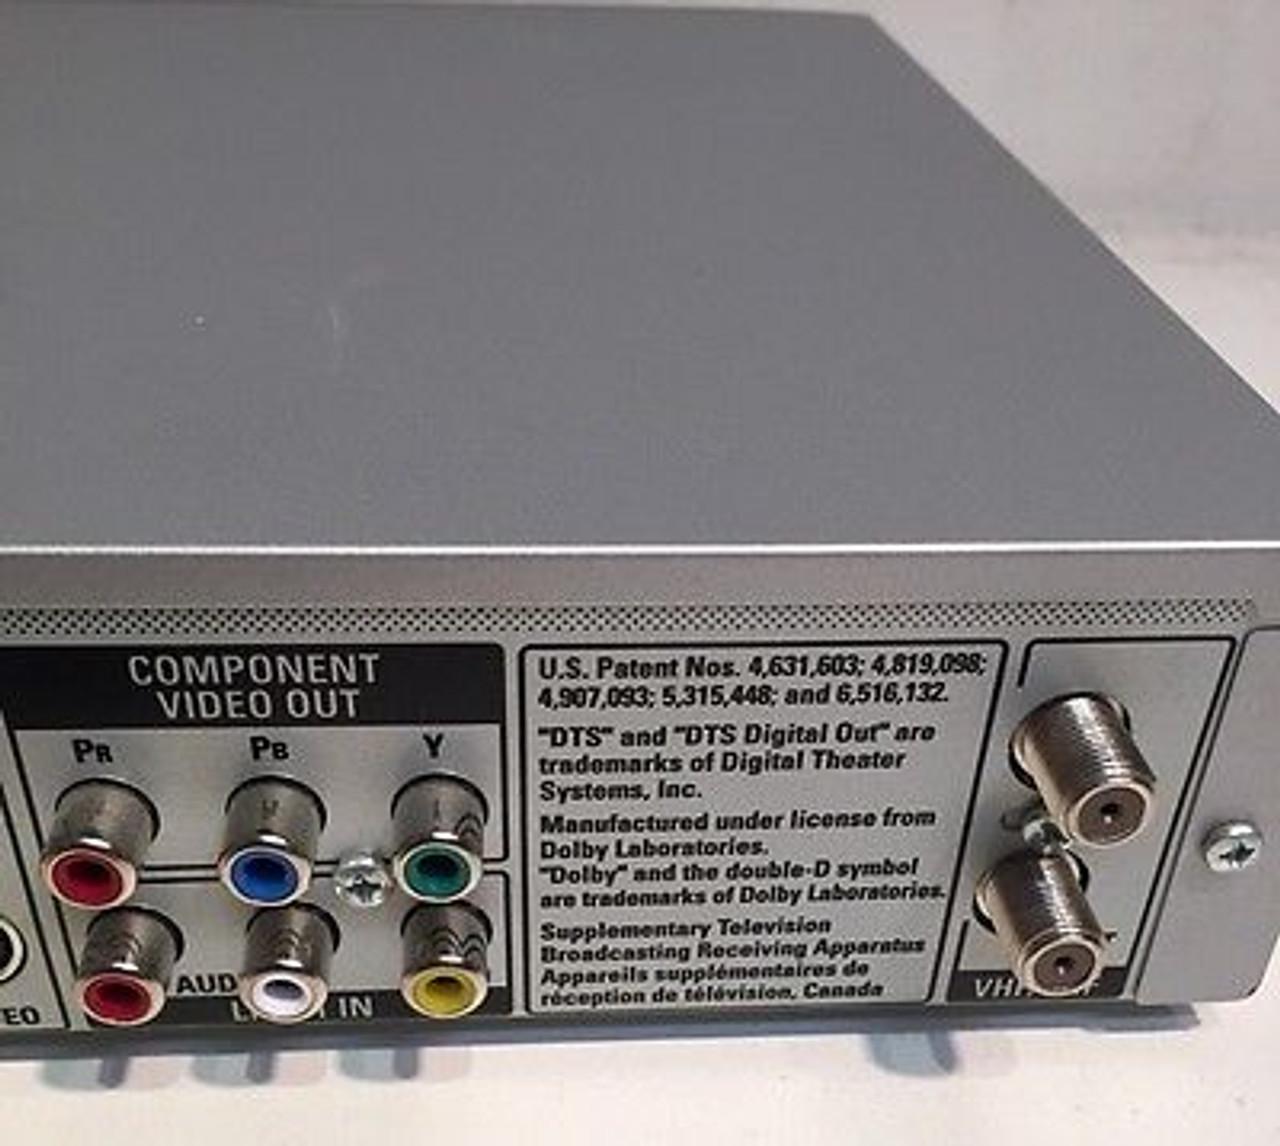 Sony RDR-GX315 DVD Recorder